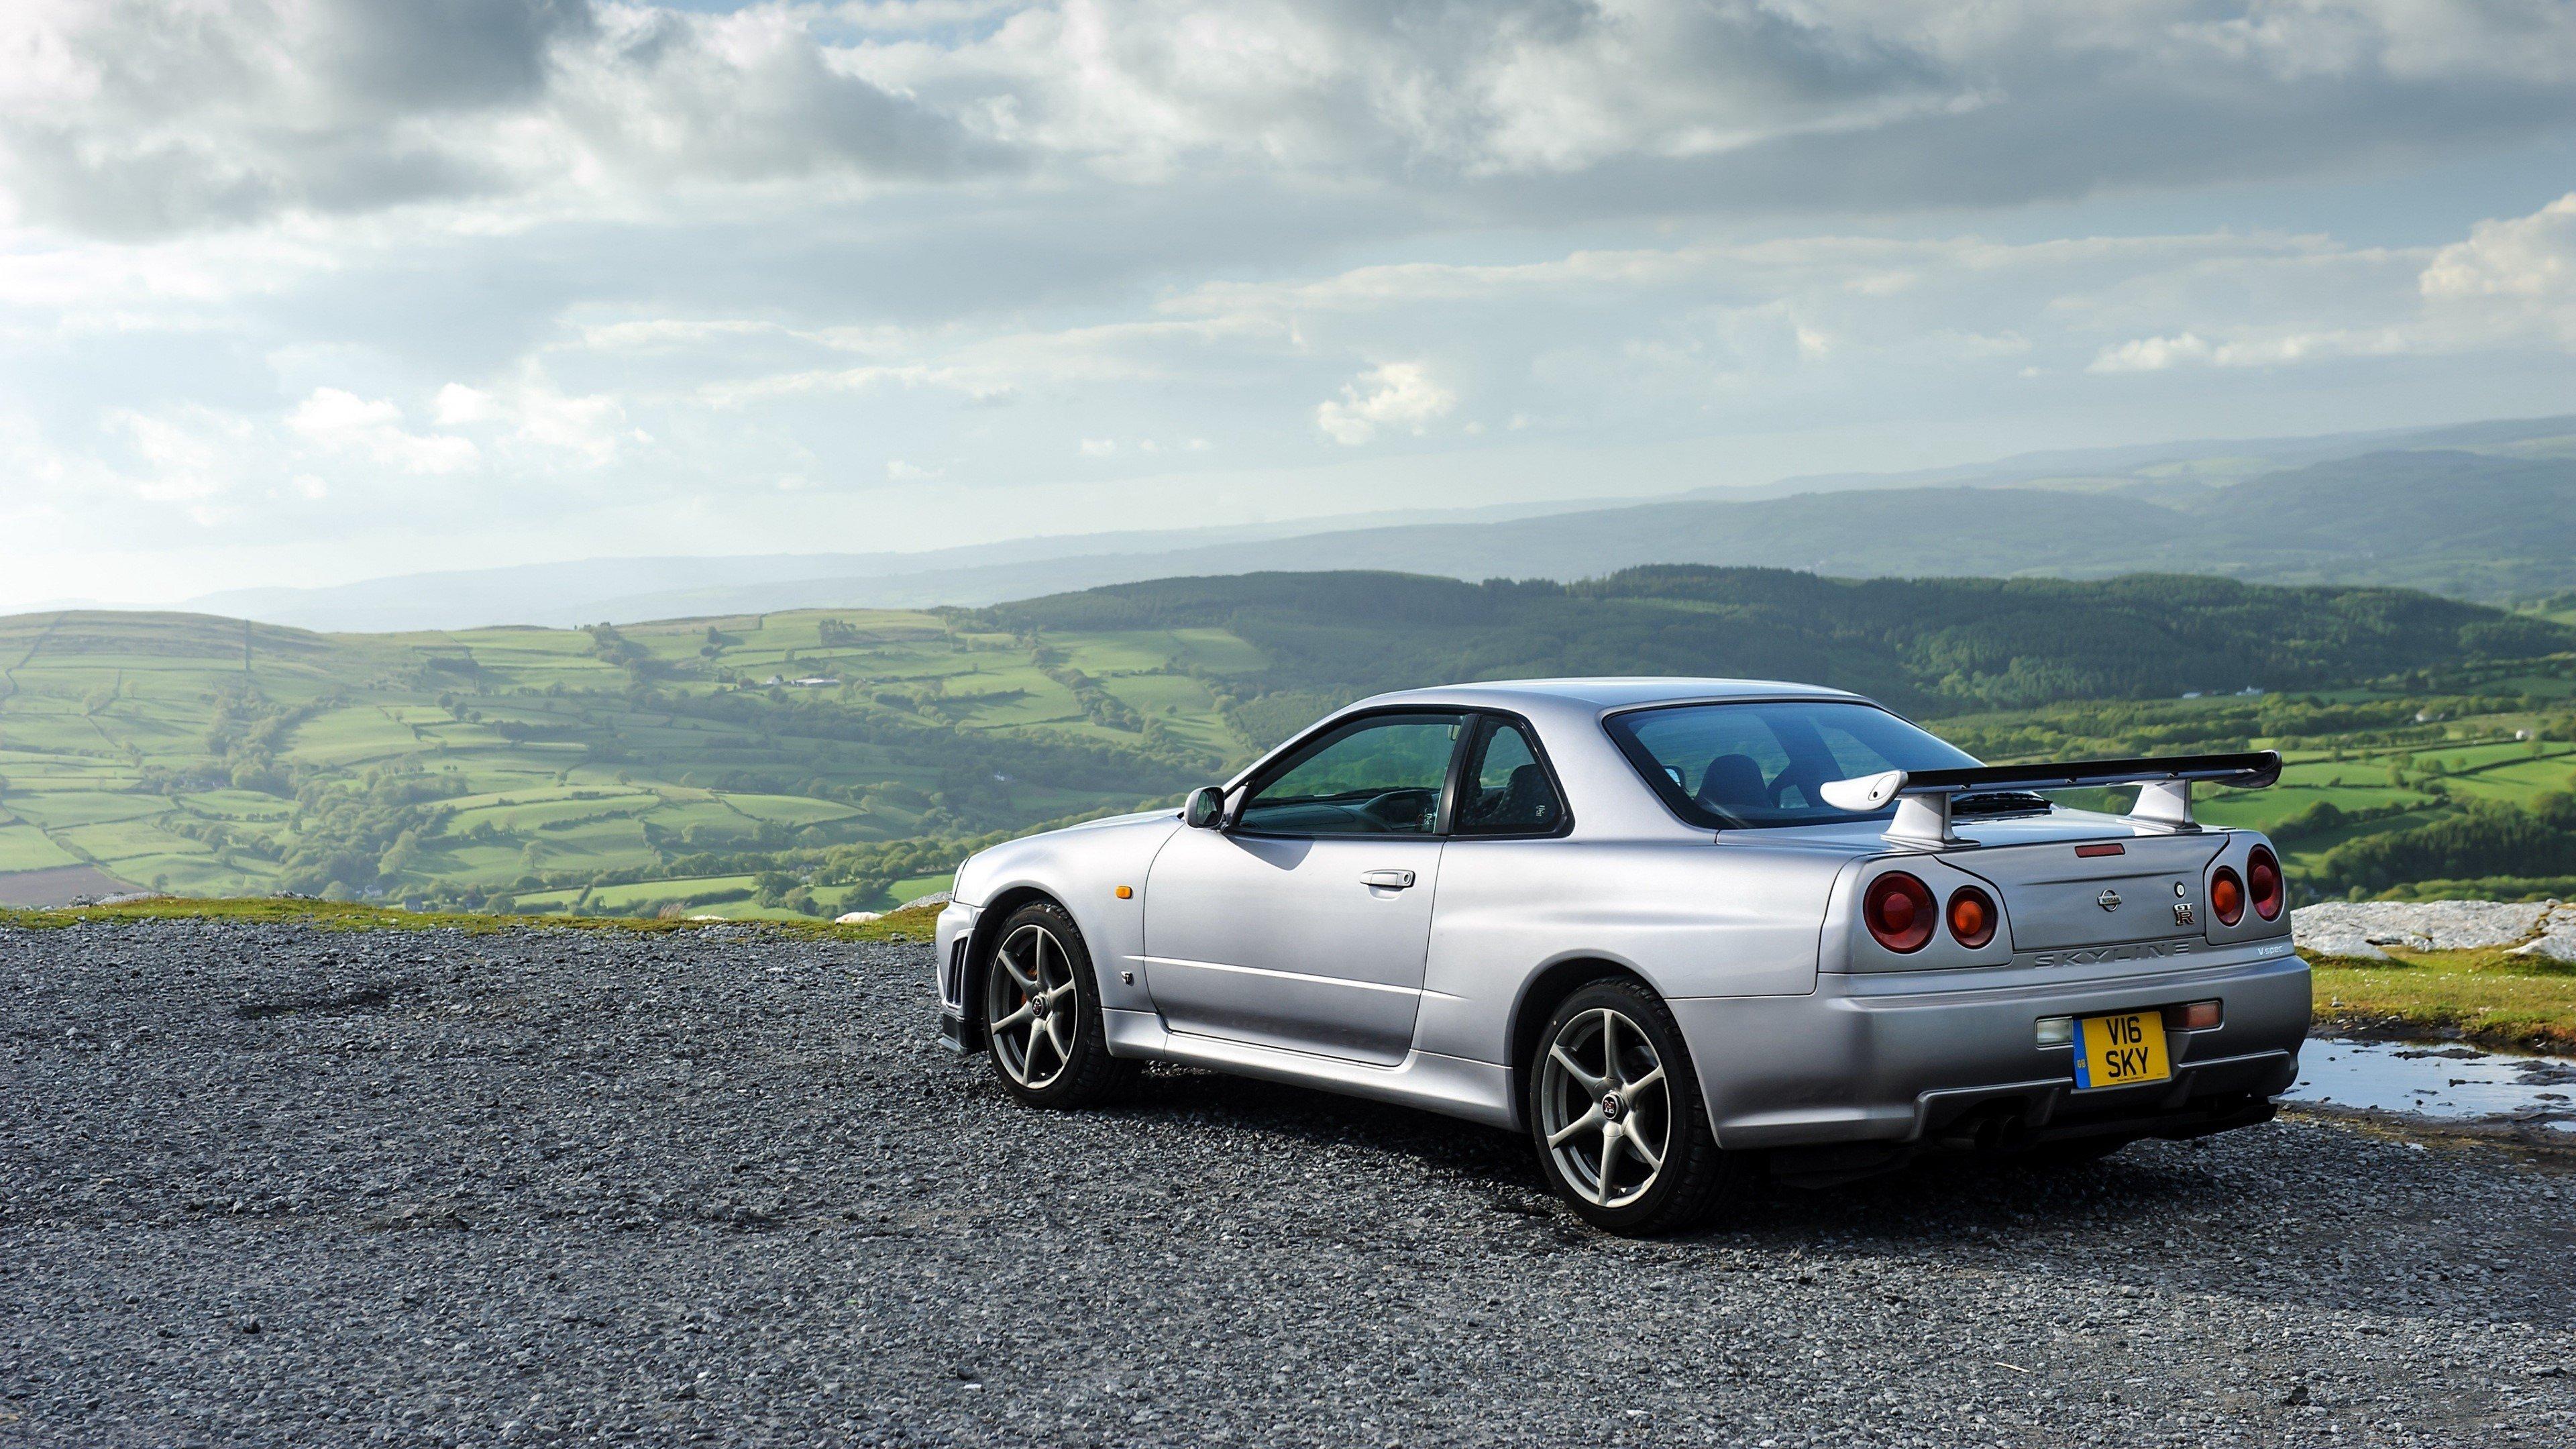 Fondo de pantalla de Nissan Skyline GT R gris de lado Imágenes